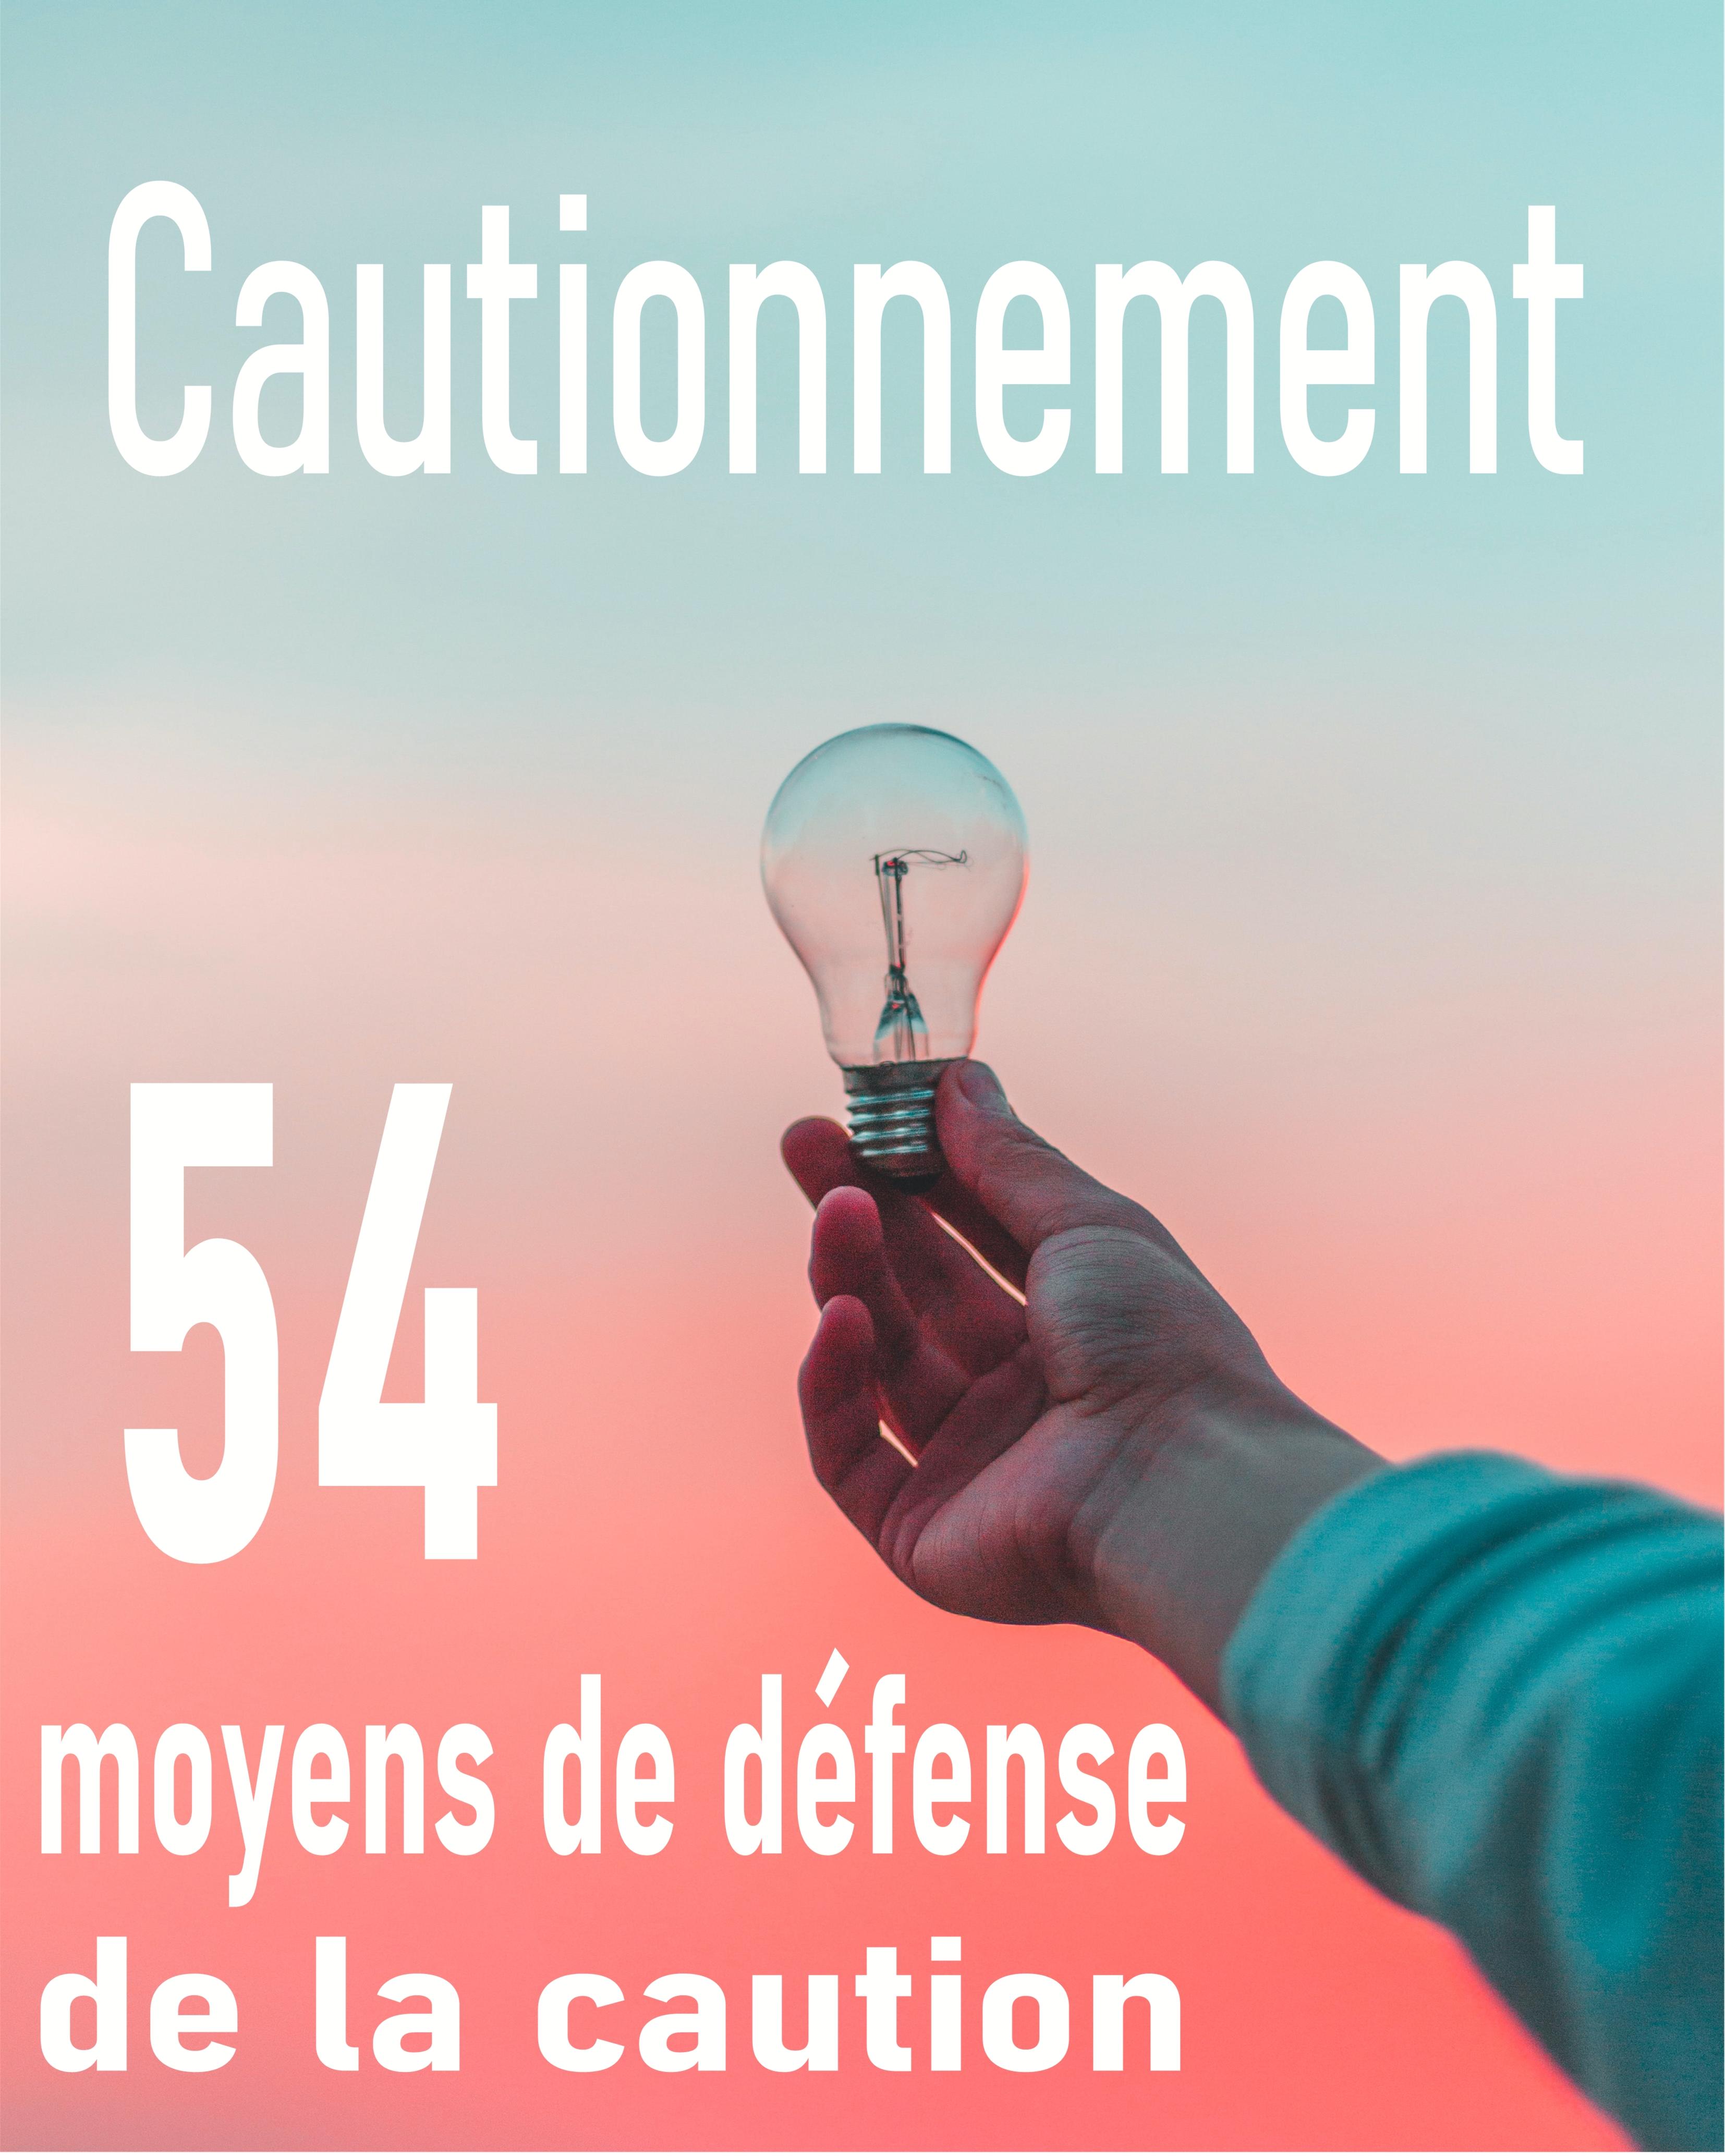 Cautionnement : 54 moyens de défense et de recours de la caution